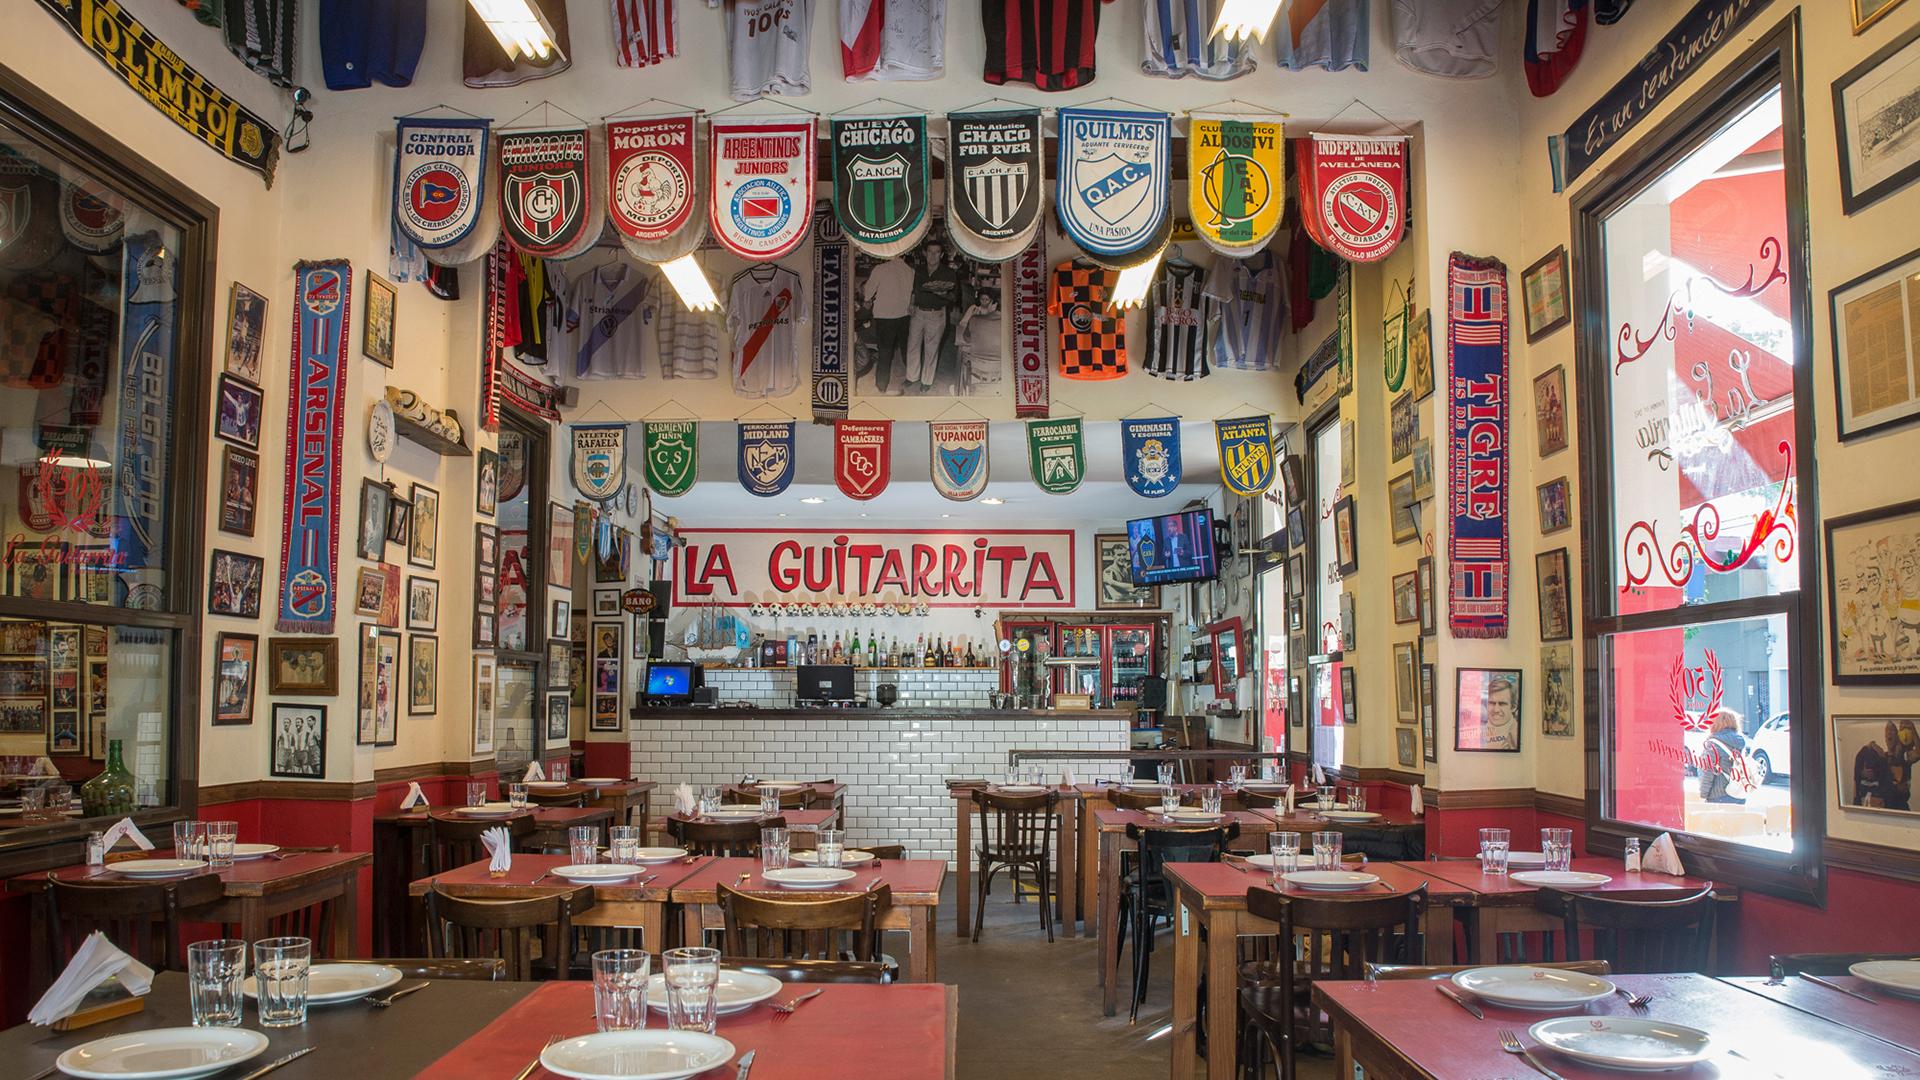 La Guitarrita ofrece emblemáticas preparaciones ideadas por su maestro pizzero don Jorge Antonio Grillo